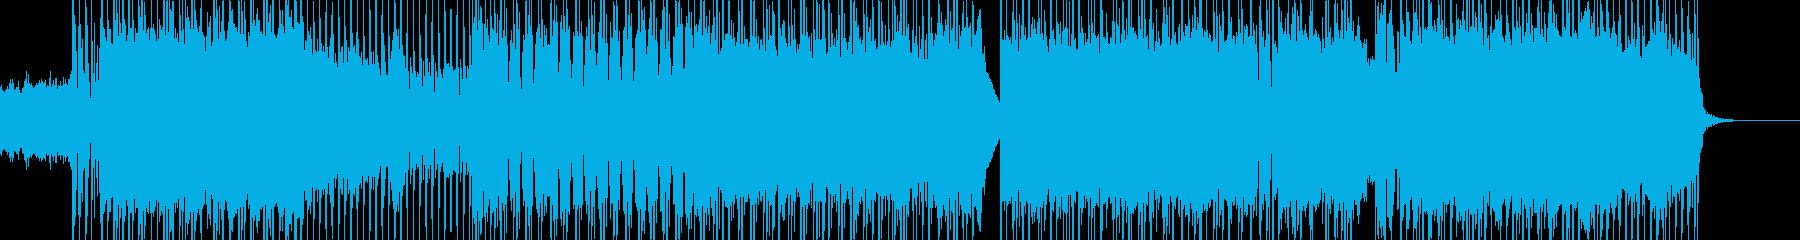 ショート アップテンポでお洒落なロックの再生済みの波形